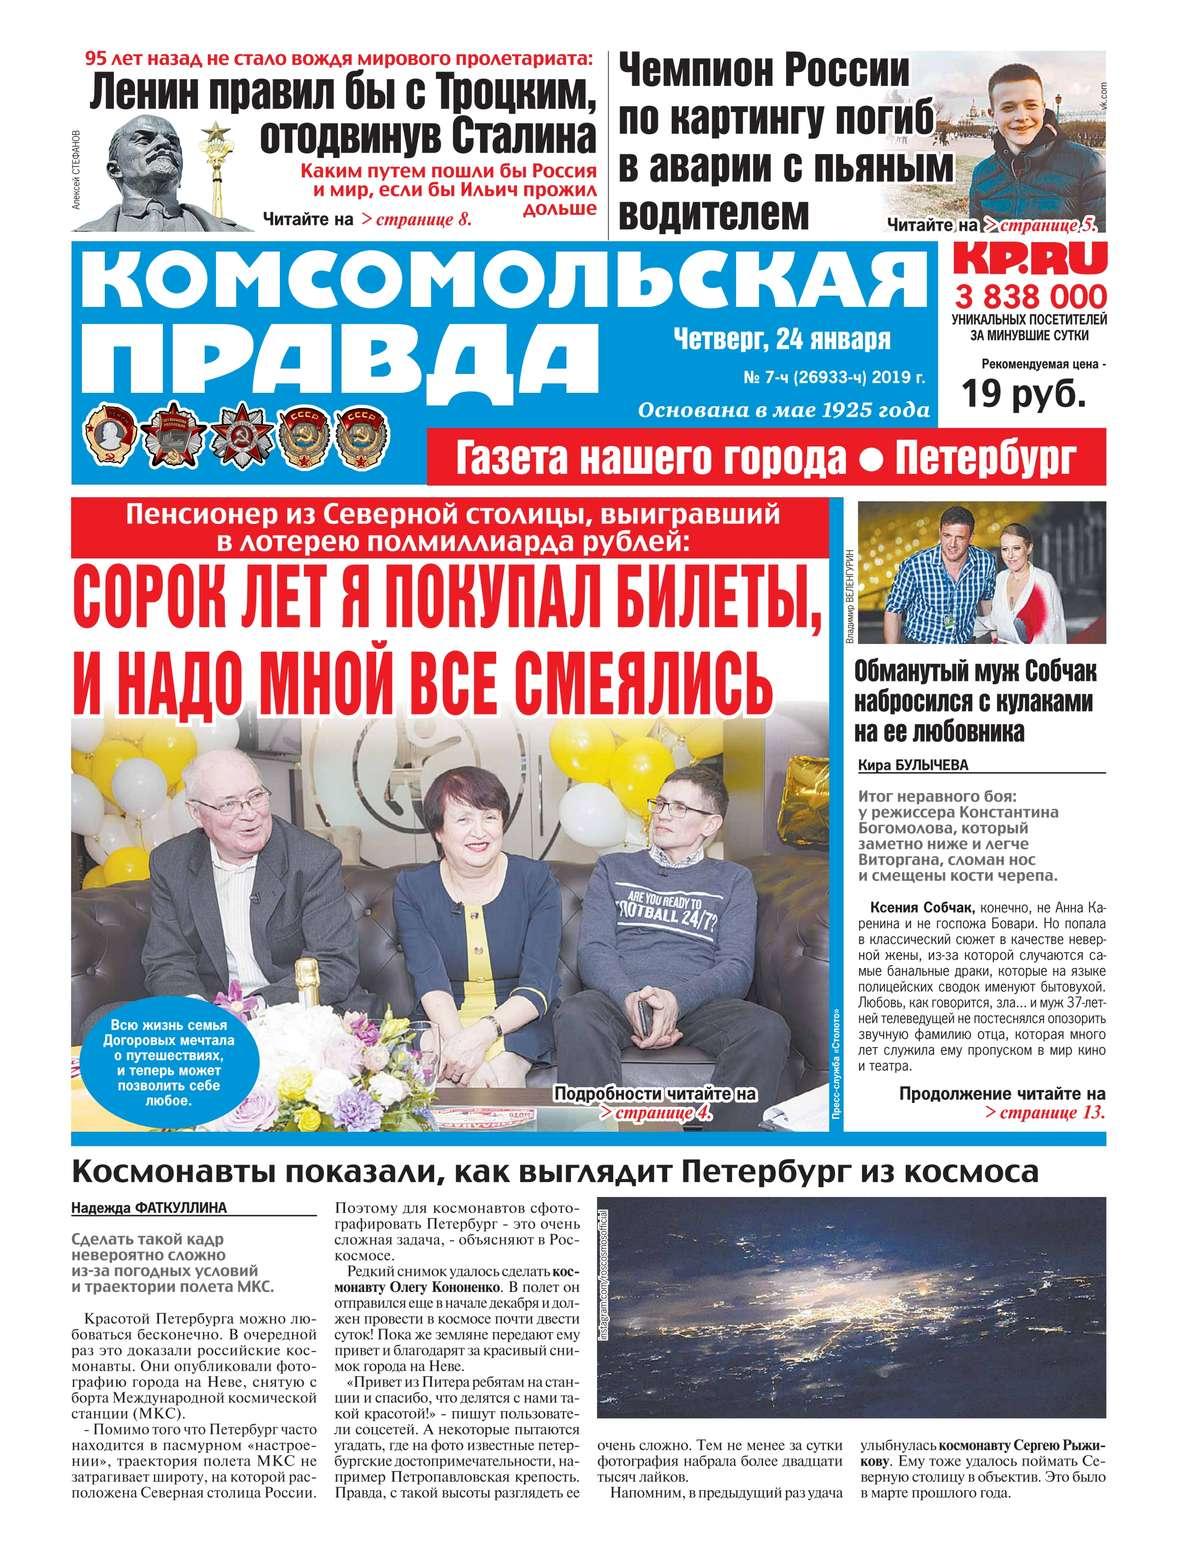 Комсомольская Правда. Санкт-Петербург 07ч-2019